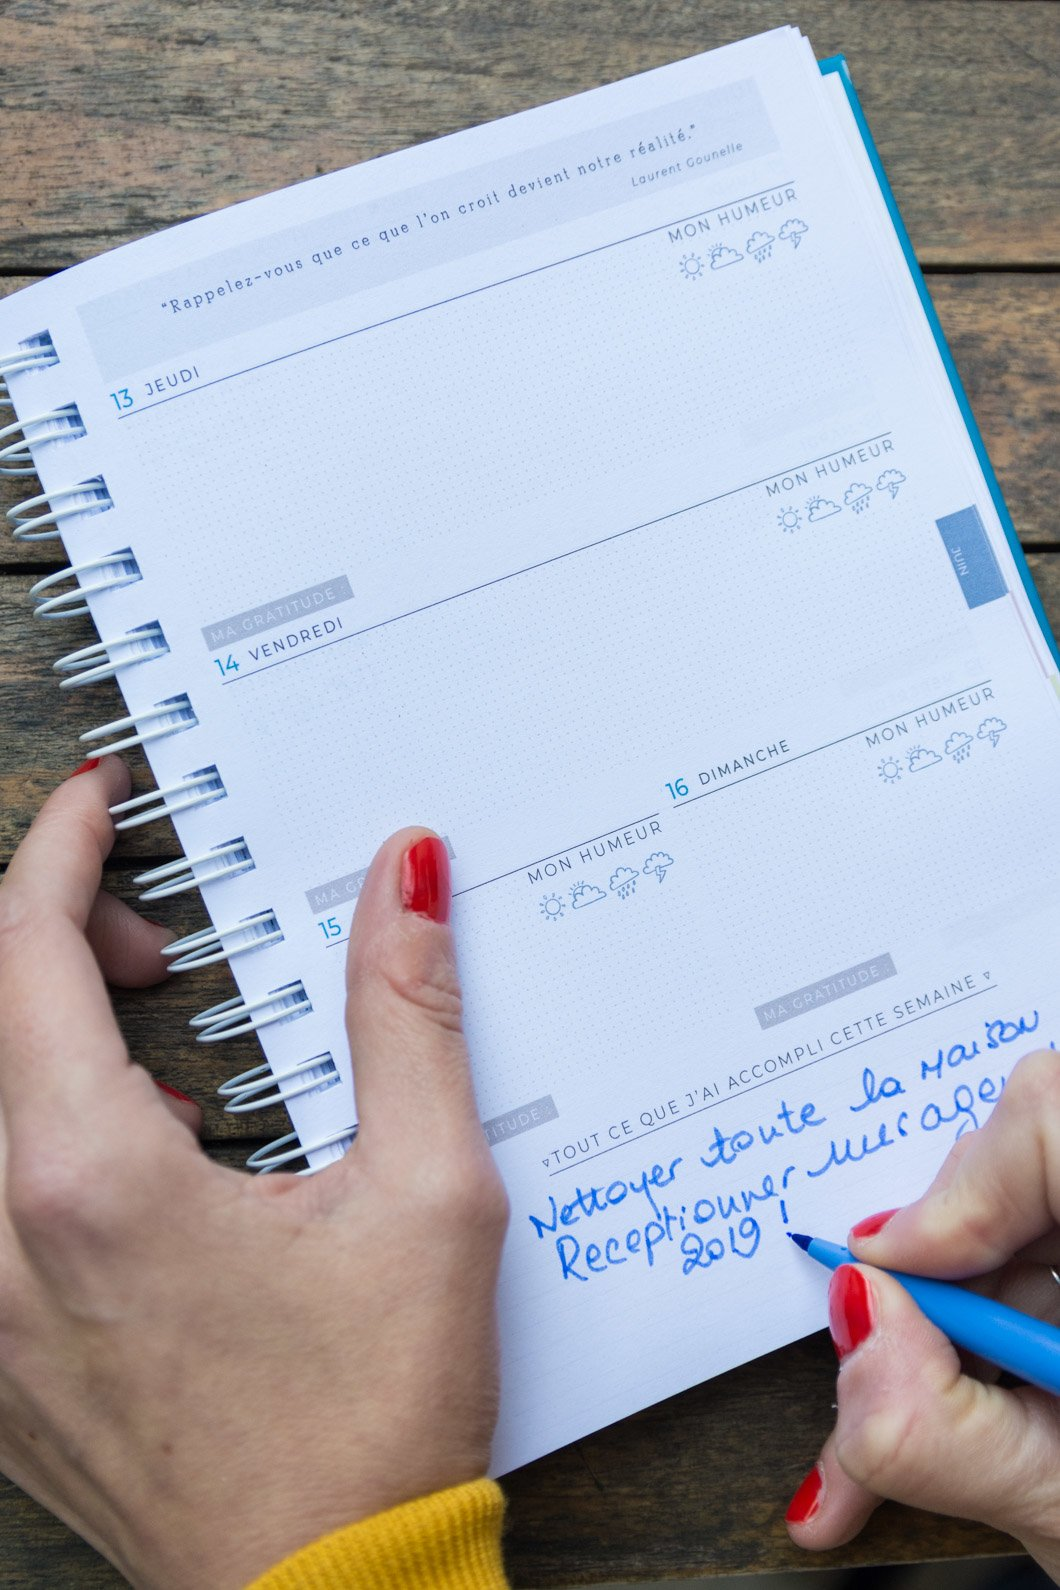 L'agenda qui me veut du bien 2019 (l'agenda Slow Life - développement personnel) - 22v'la Scarlett